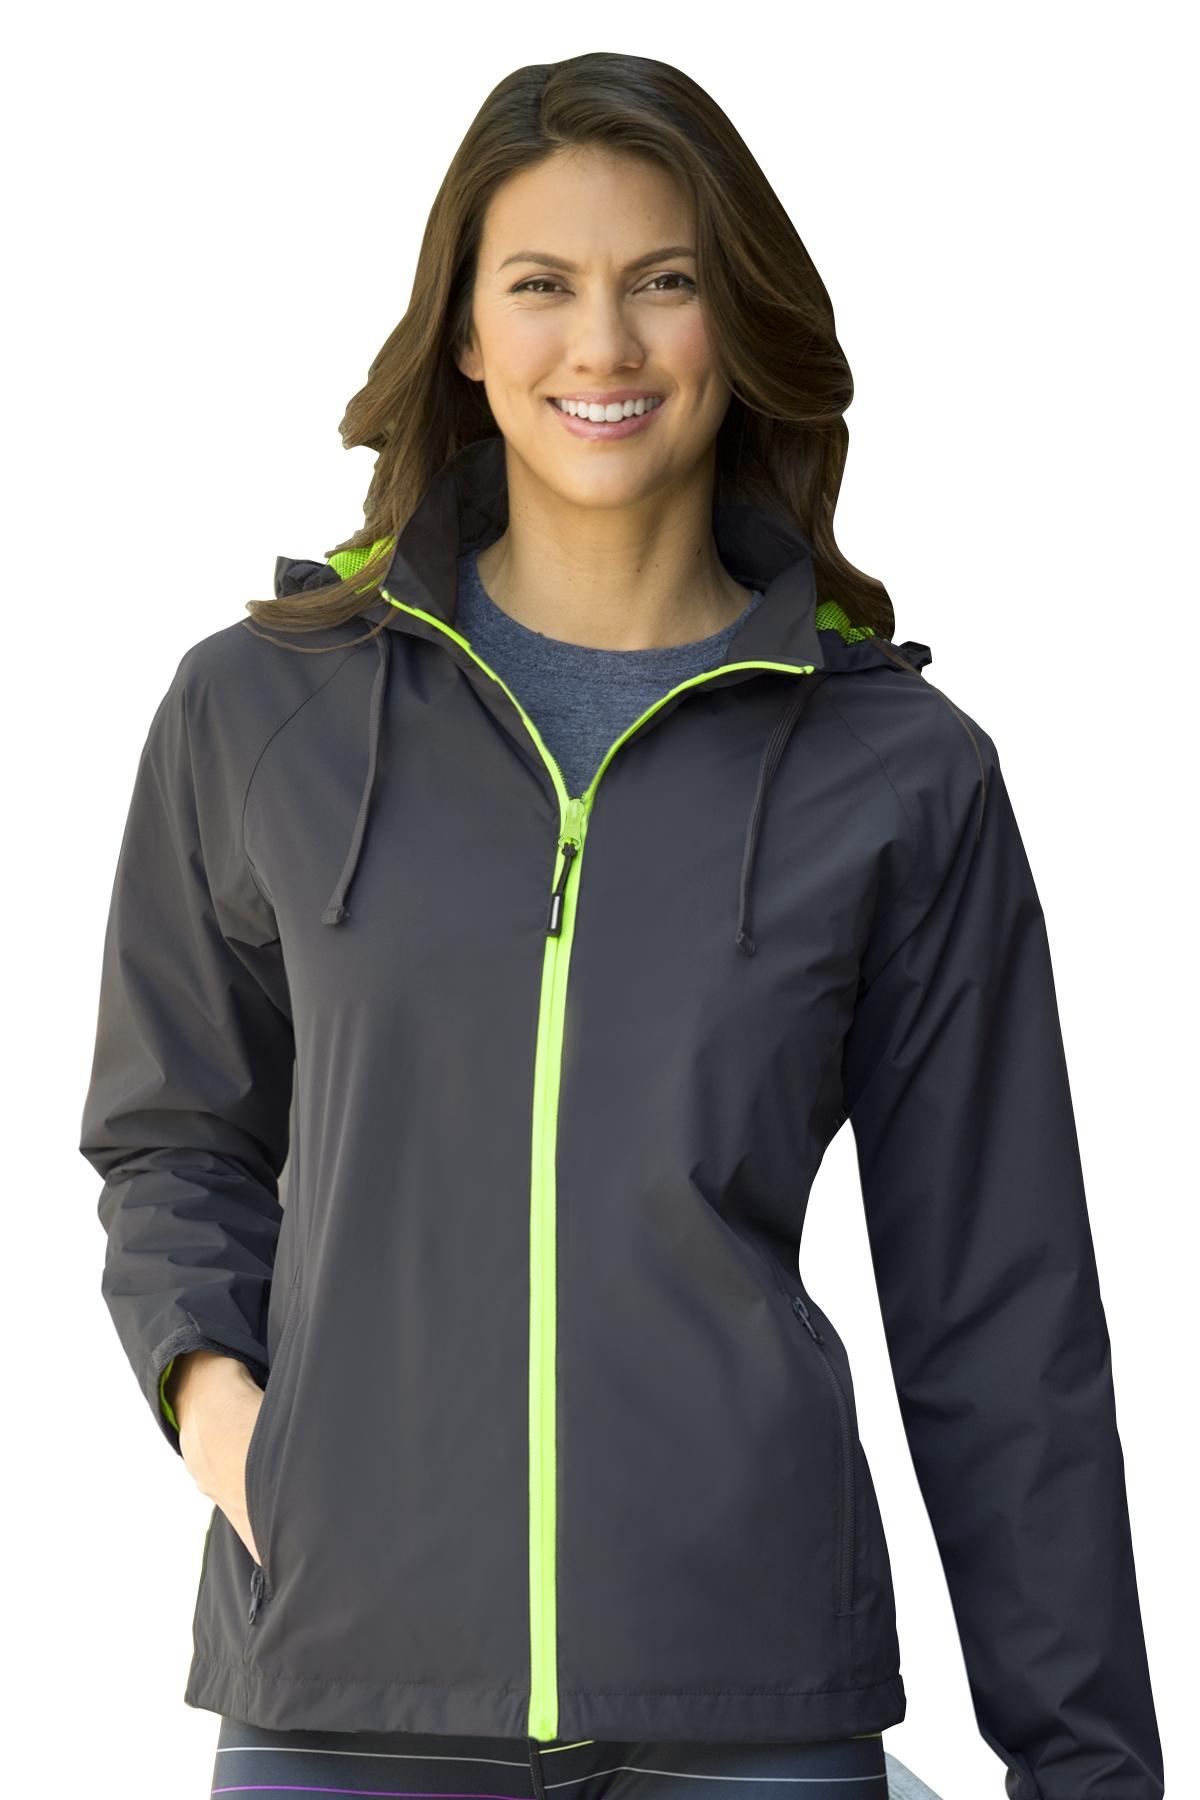 Vantage 7163 - Women's Club Jacket